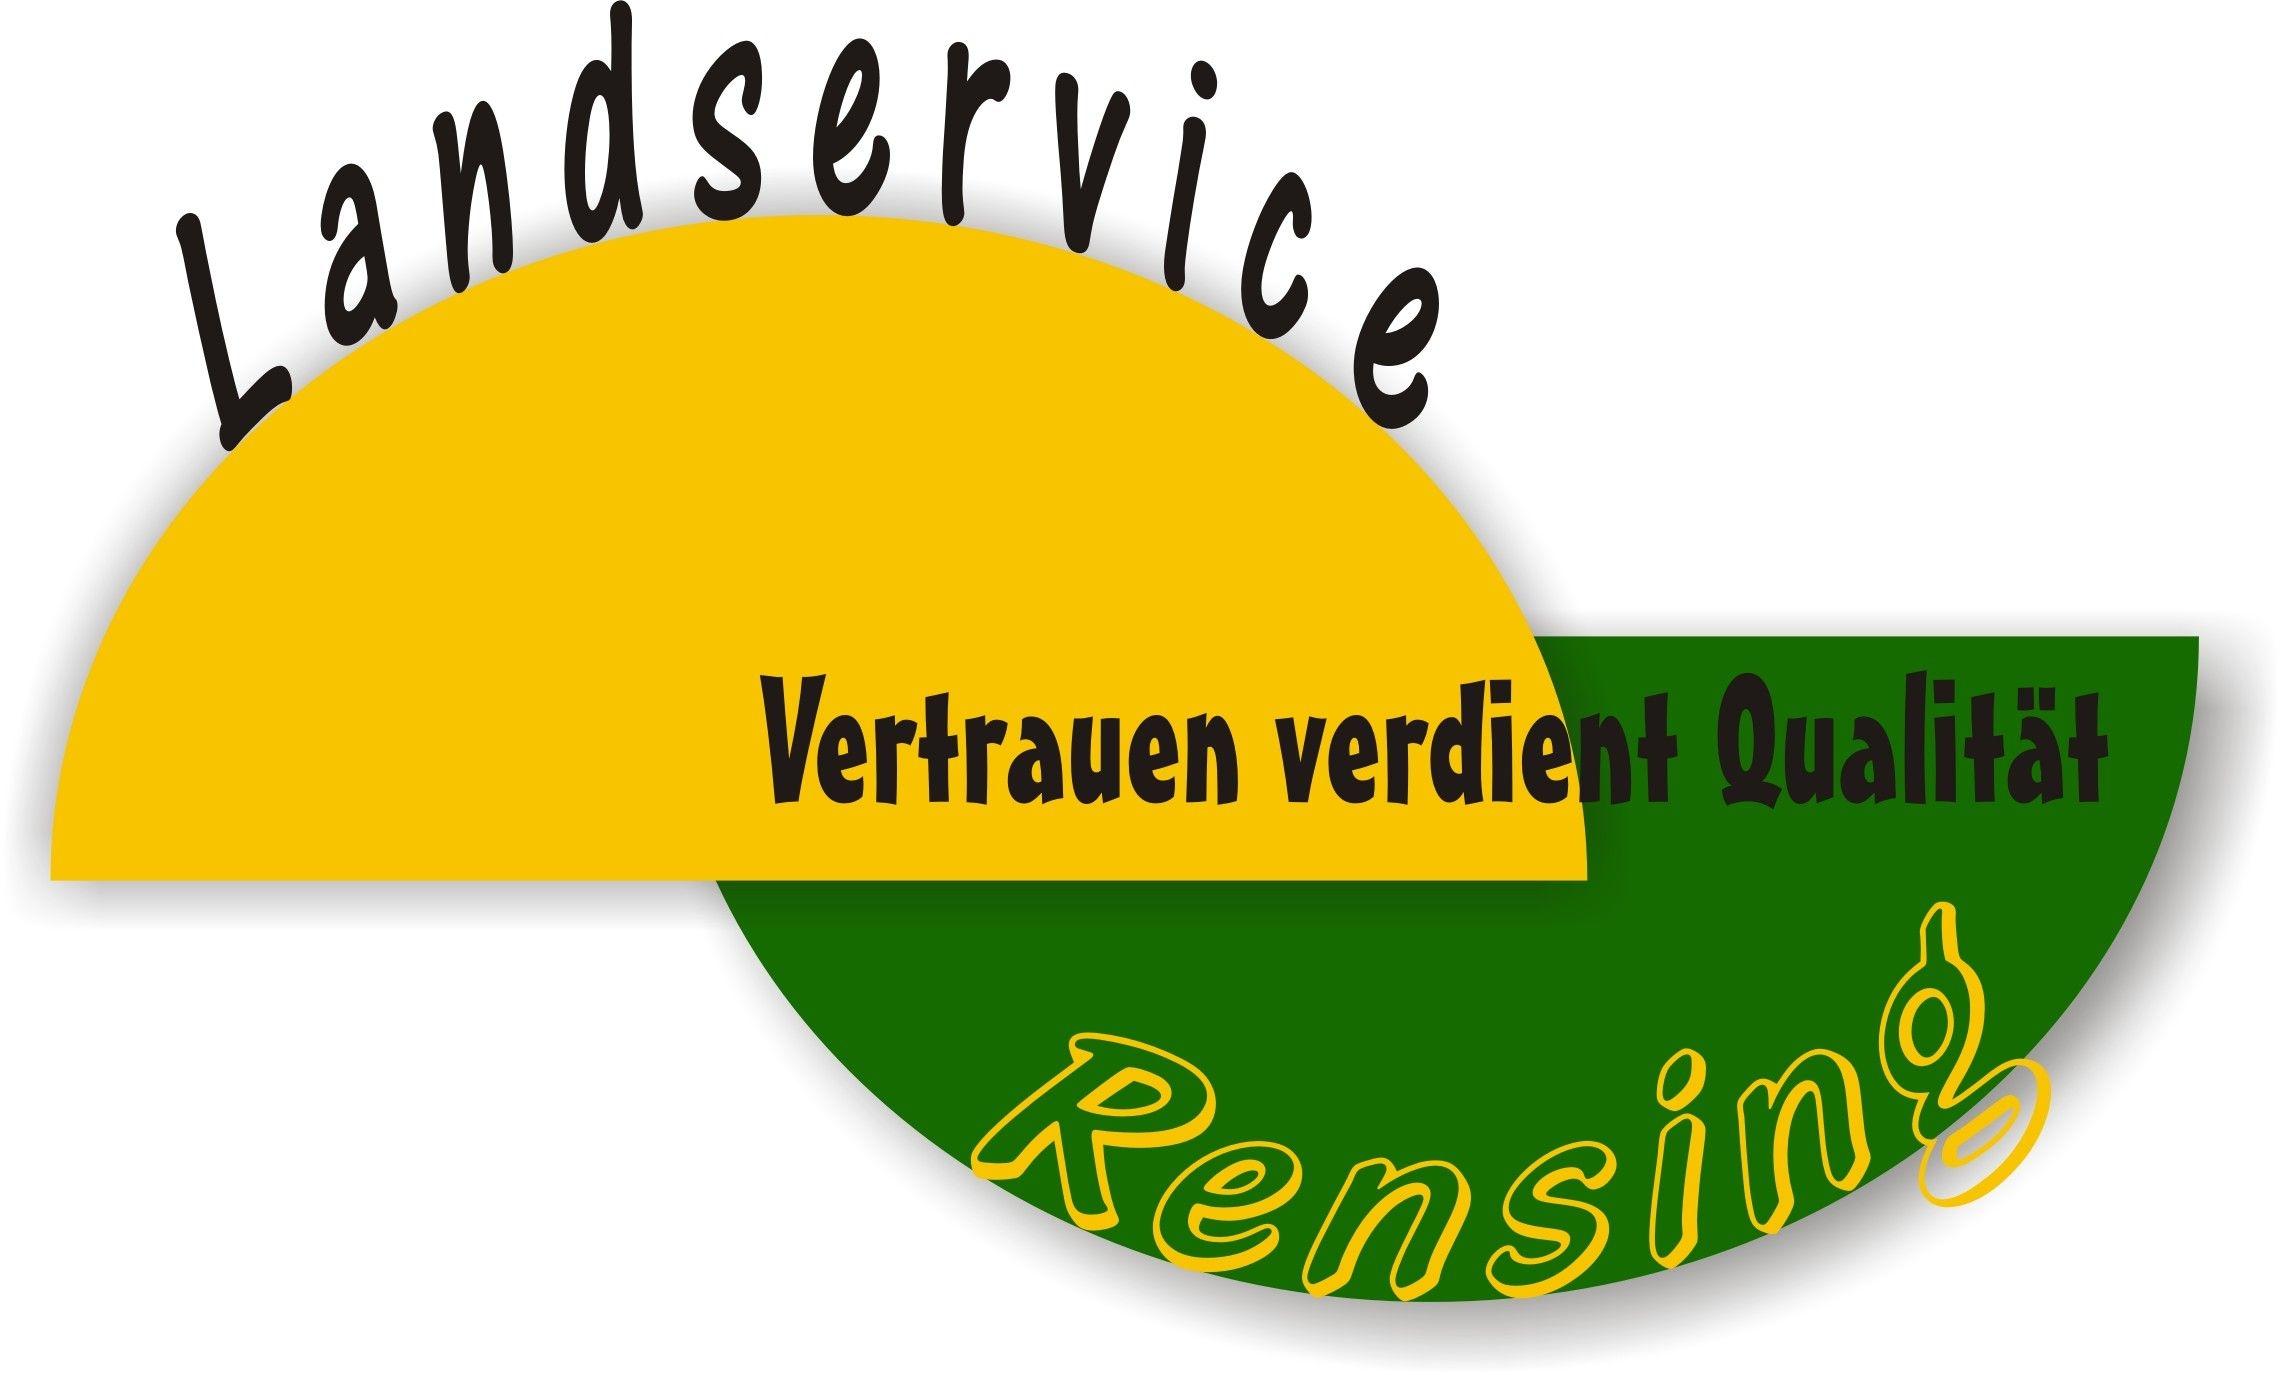 Rensing Landservice GmbH & Co.KG